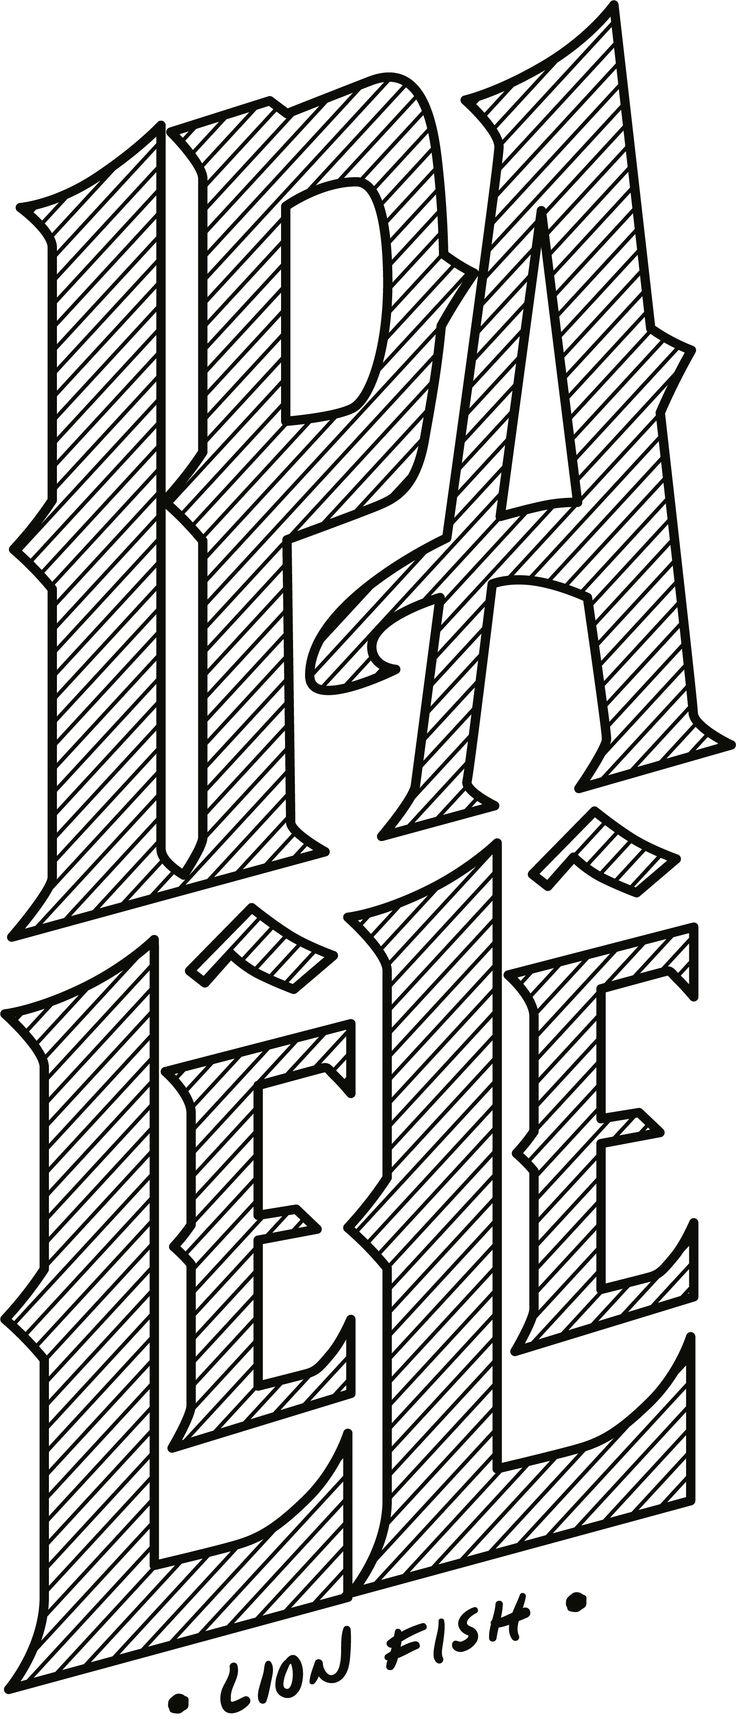 Um choque entre dois mundos que gera algo belo. A linha de moda da LionFish traz um toque audacioso e romântico nas peças descontruídas, recortes, contrastes e estampas desenhadas exclusivamente para a marca. Dominam os tons combinando com uma estética de jogo com o masculino e o feminino. Peças clássicas, mas completamente reinterpretadas na forma para alcançar um estilo duradouro e uma identidade em torno da feminilidade assumida, não agressiva.